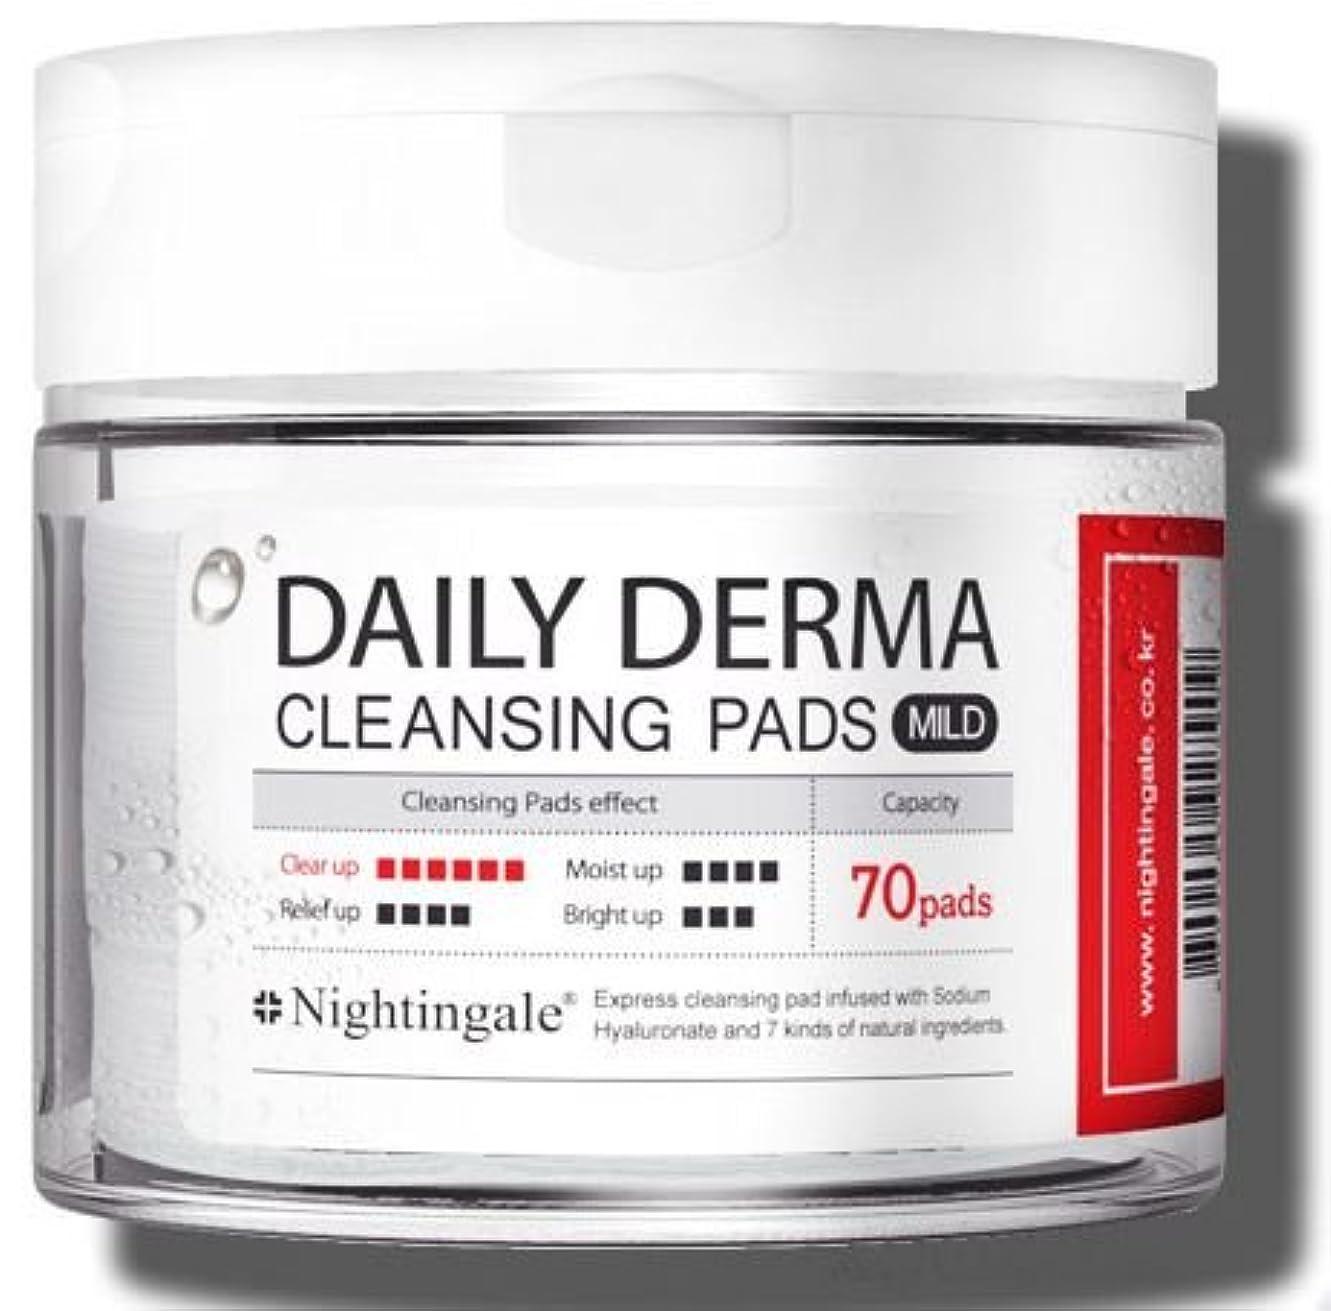 それ失北方Nightingale Daily Derma Cleansing Pads * Mild * 70pads/ナイチンゲール デイリー ダーマ クレンジング パッド * マイルド * 70枚入り [並行輸入品]